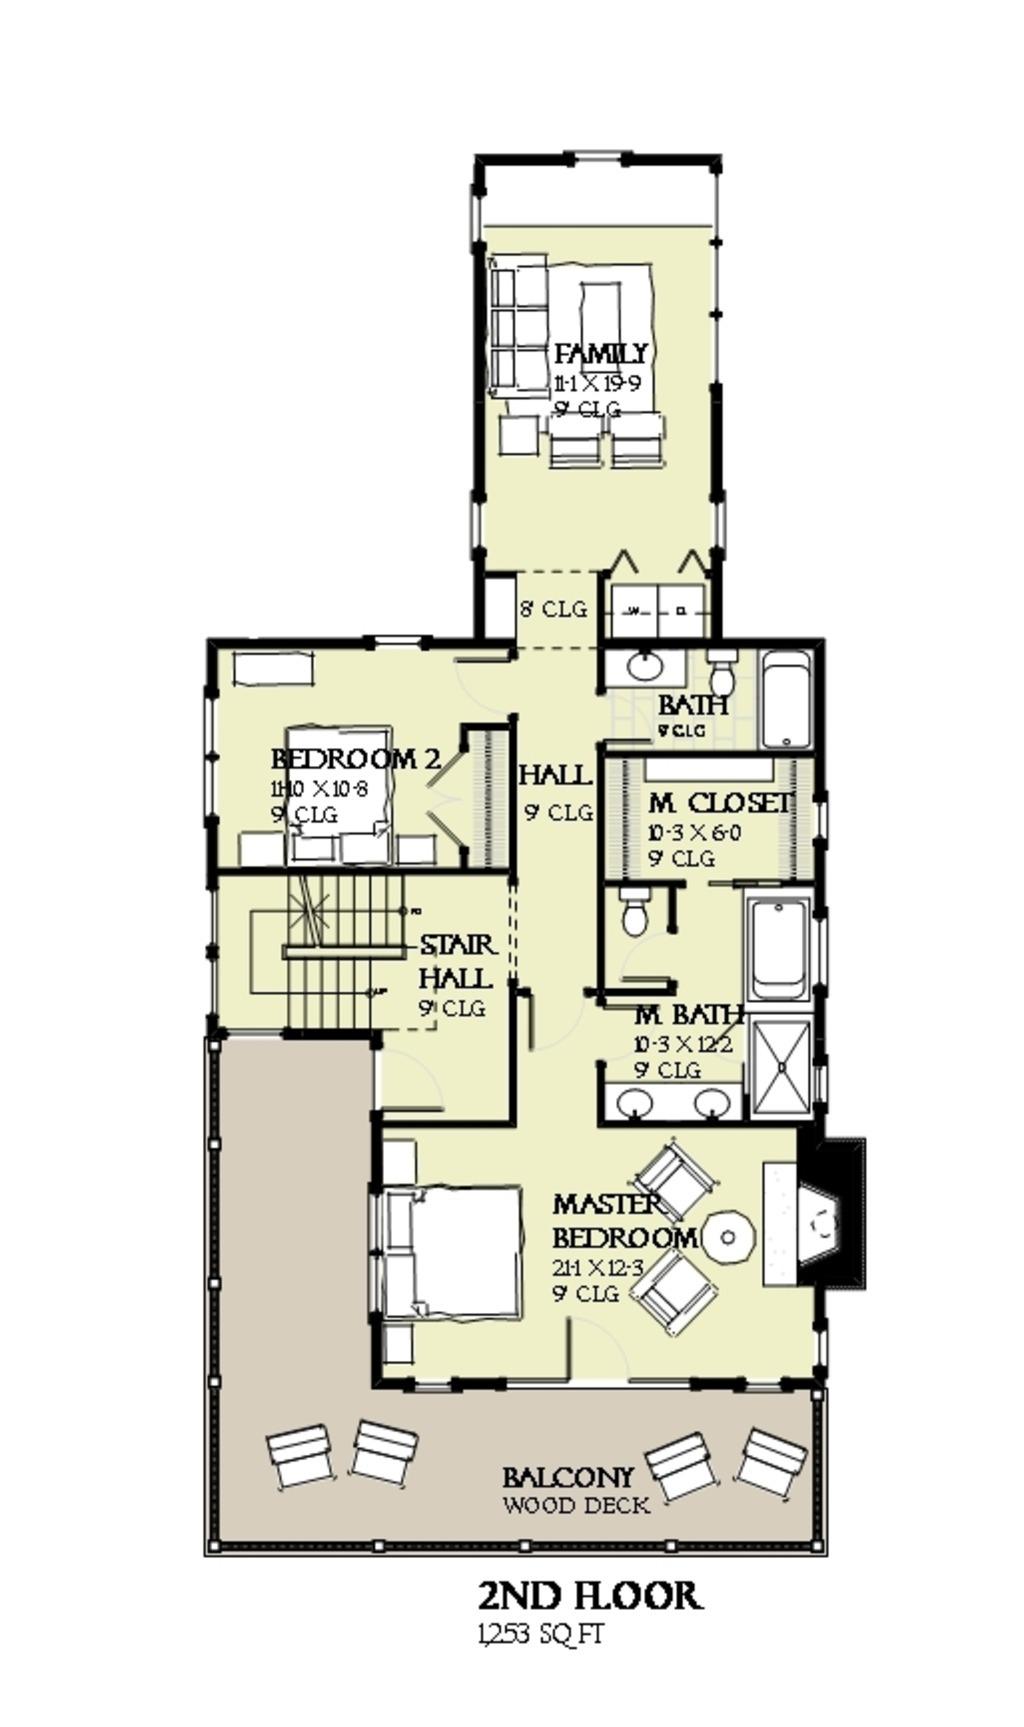 บ้านสวย 3 ชั้น สไตล์คอทเทจ สวยหรูหราอลังการ    รูปที่ 16